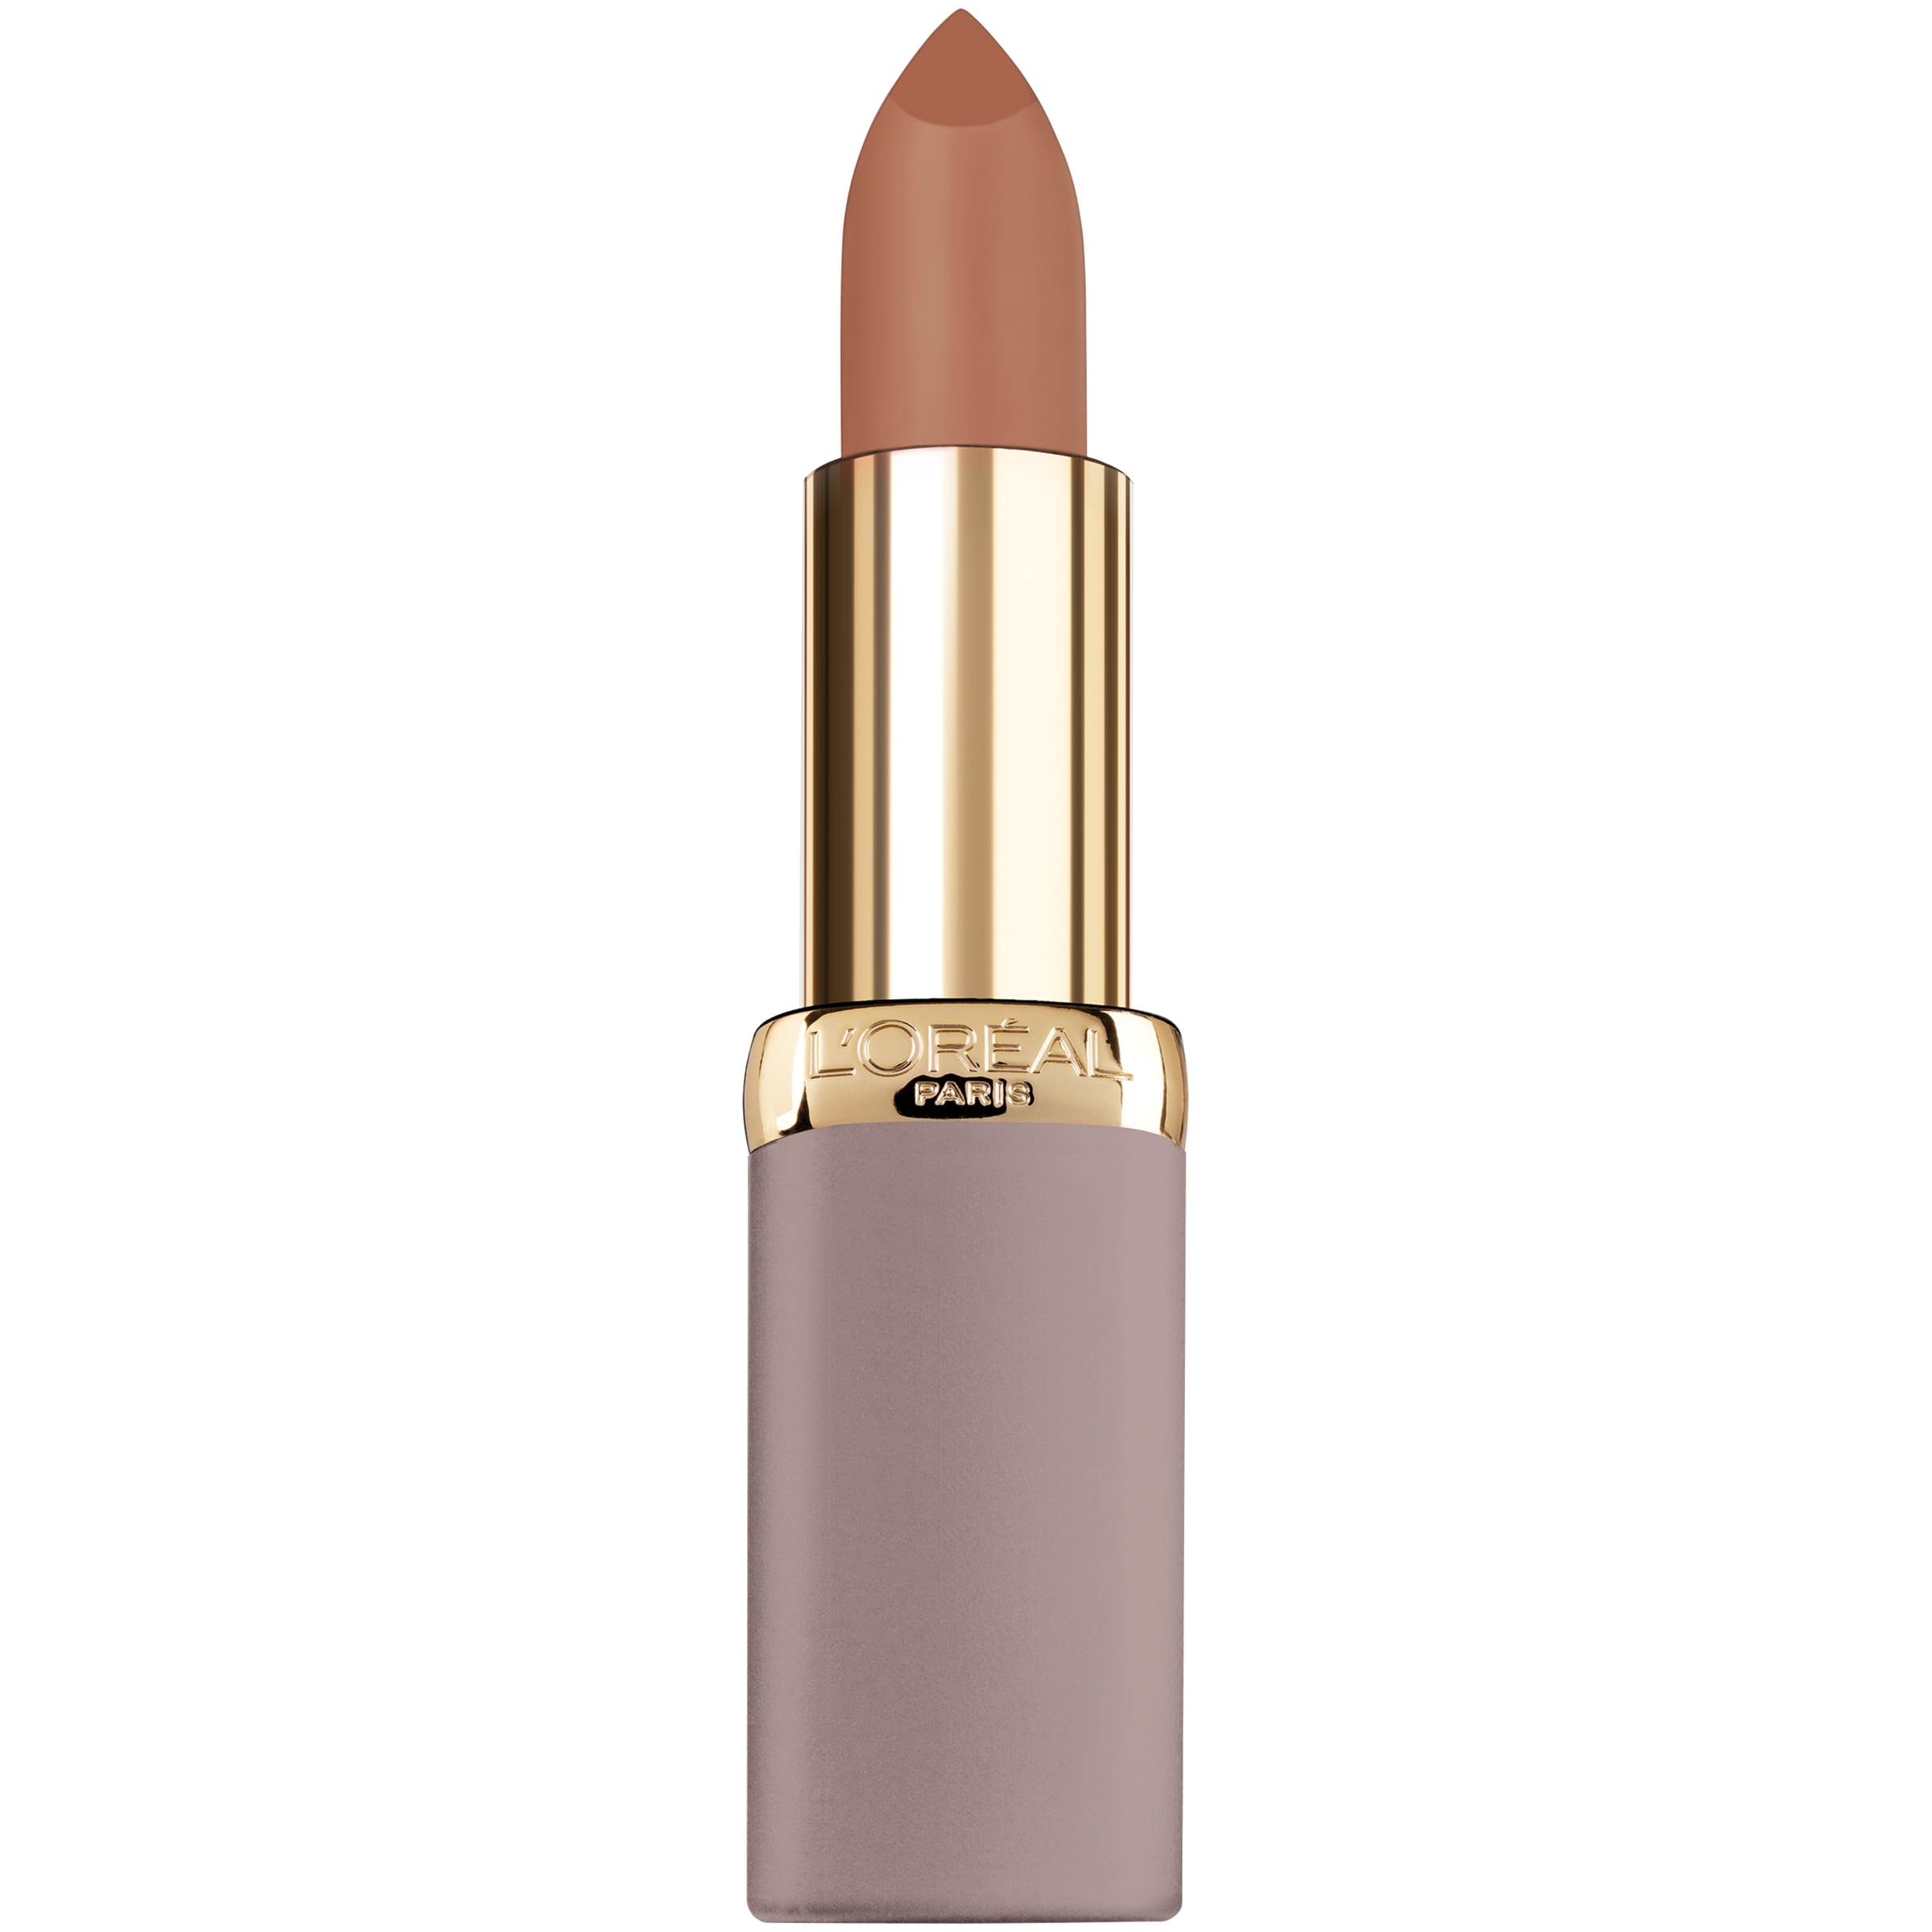 LOréal Paris Color Riche Creme de Creme Lipstick N° 235 Nude